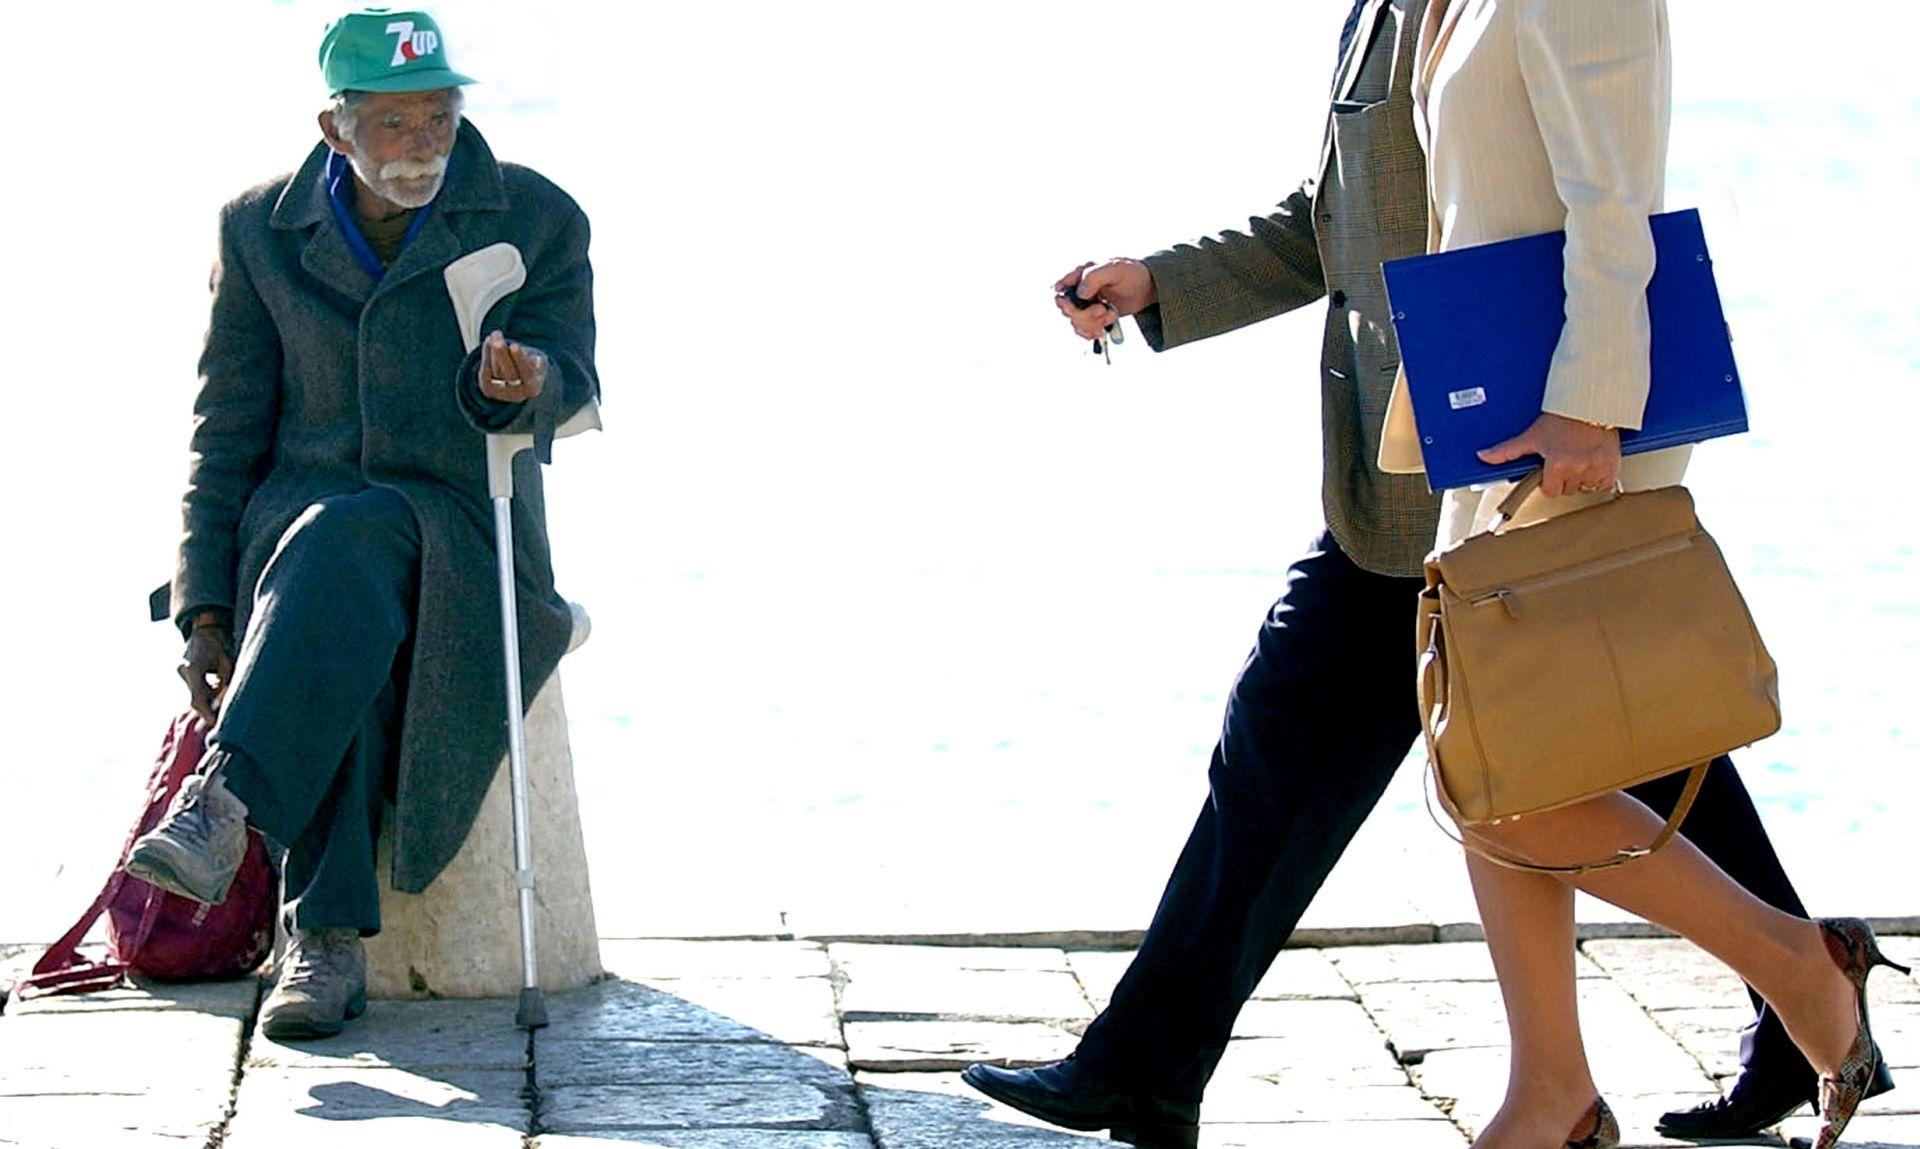 Hrvatska manje izdvaja za socijalnu zaštitu od prosjeka EU